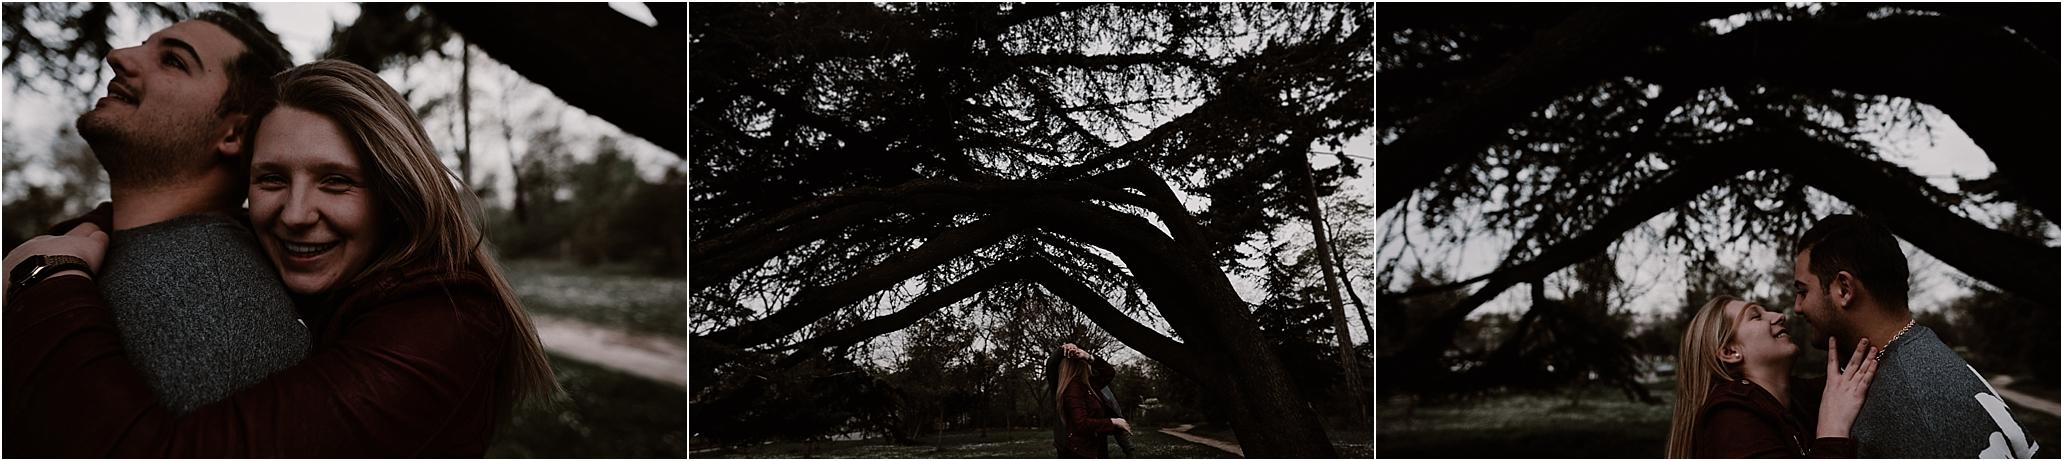 Magda + Sidonio session couple | FREYIA photography | photographe famille | nouveau-né bébé maternité grossesse lifestyle reportage du quotidien naissance allaitement | PARIS Ile de France 75 92 | freyia freia freya freja freilla anna wator-1.jpg